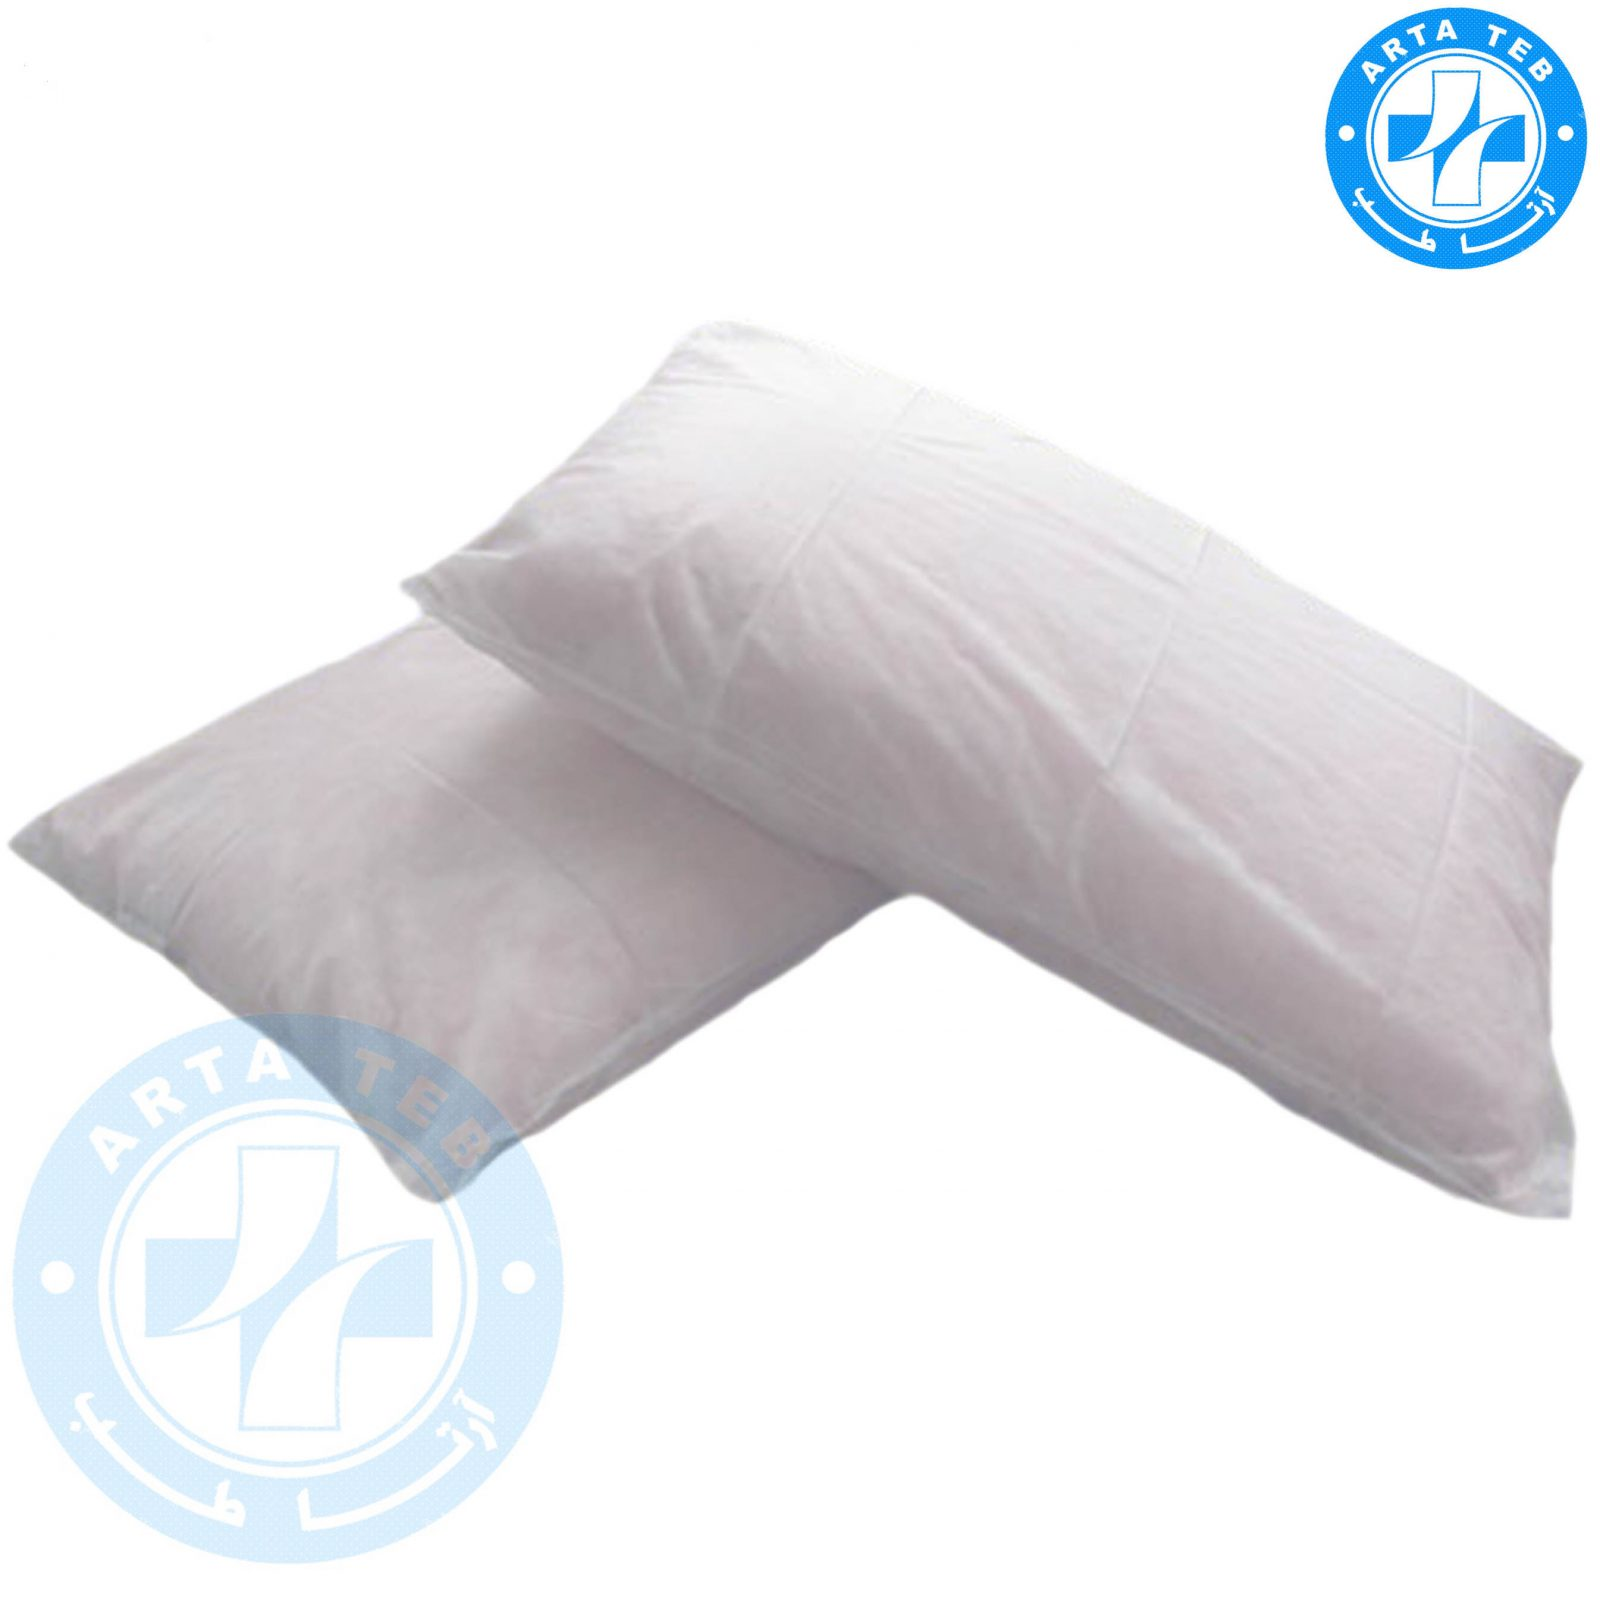 روبالشی یکبار مصرف ۵۰۷۰ سفید ۲۵ گرم (2)